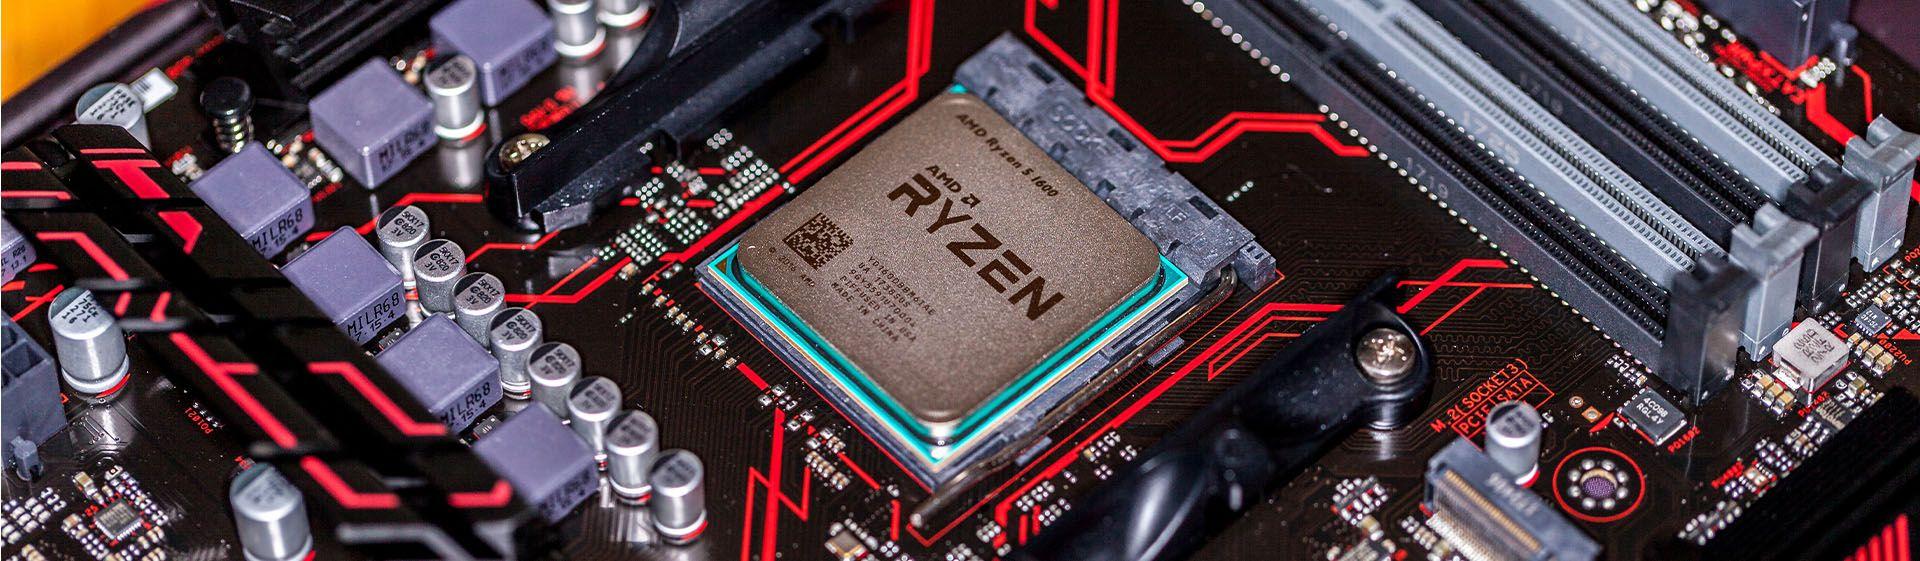 Melhores processadores Intel e AMD para PC em 2020: veja 12 modelos